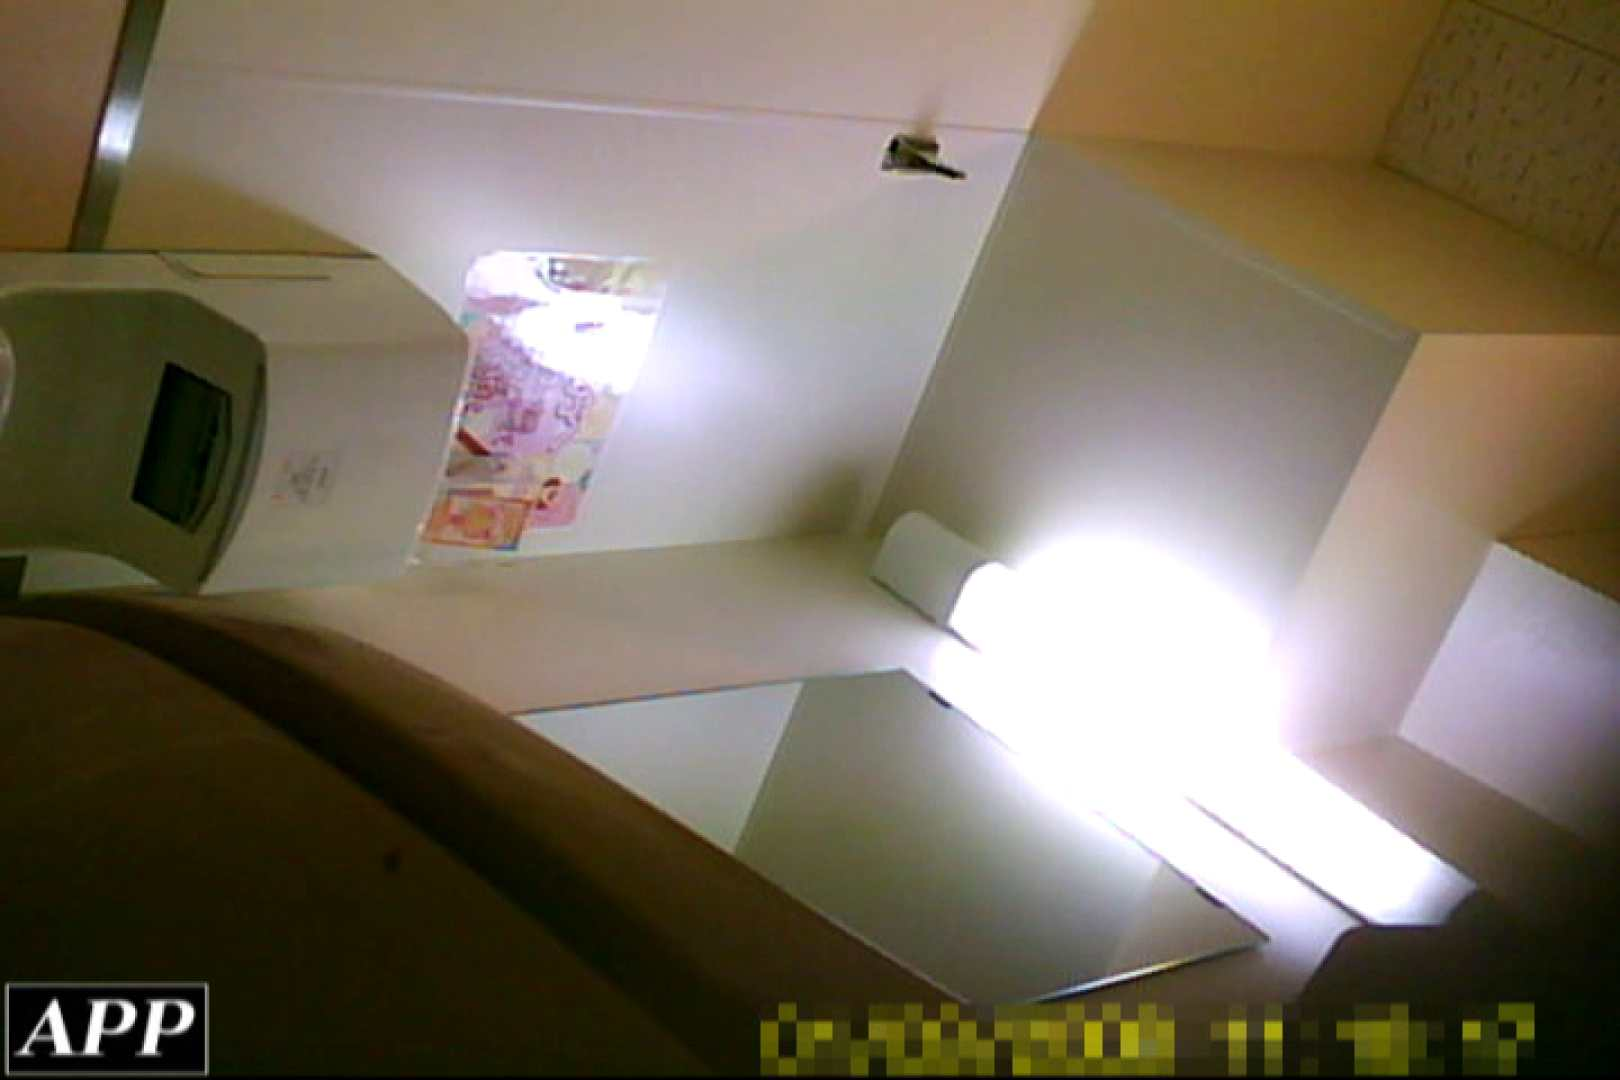 3視点洗面所 vol.05 洗面所 オメコ動画キャプチャ 74PIX 32